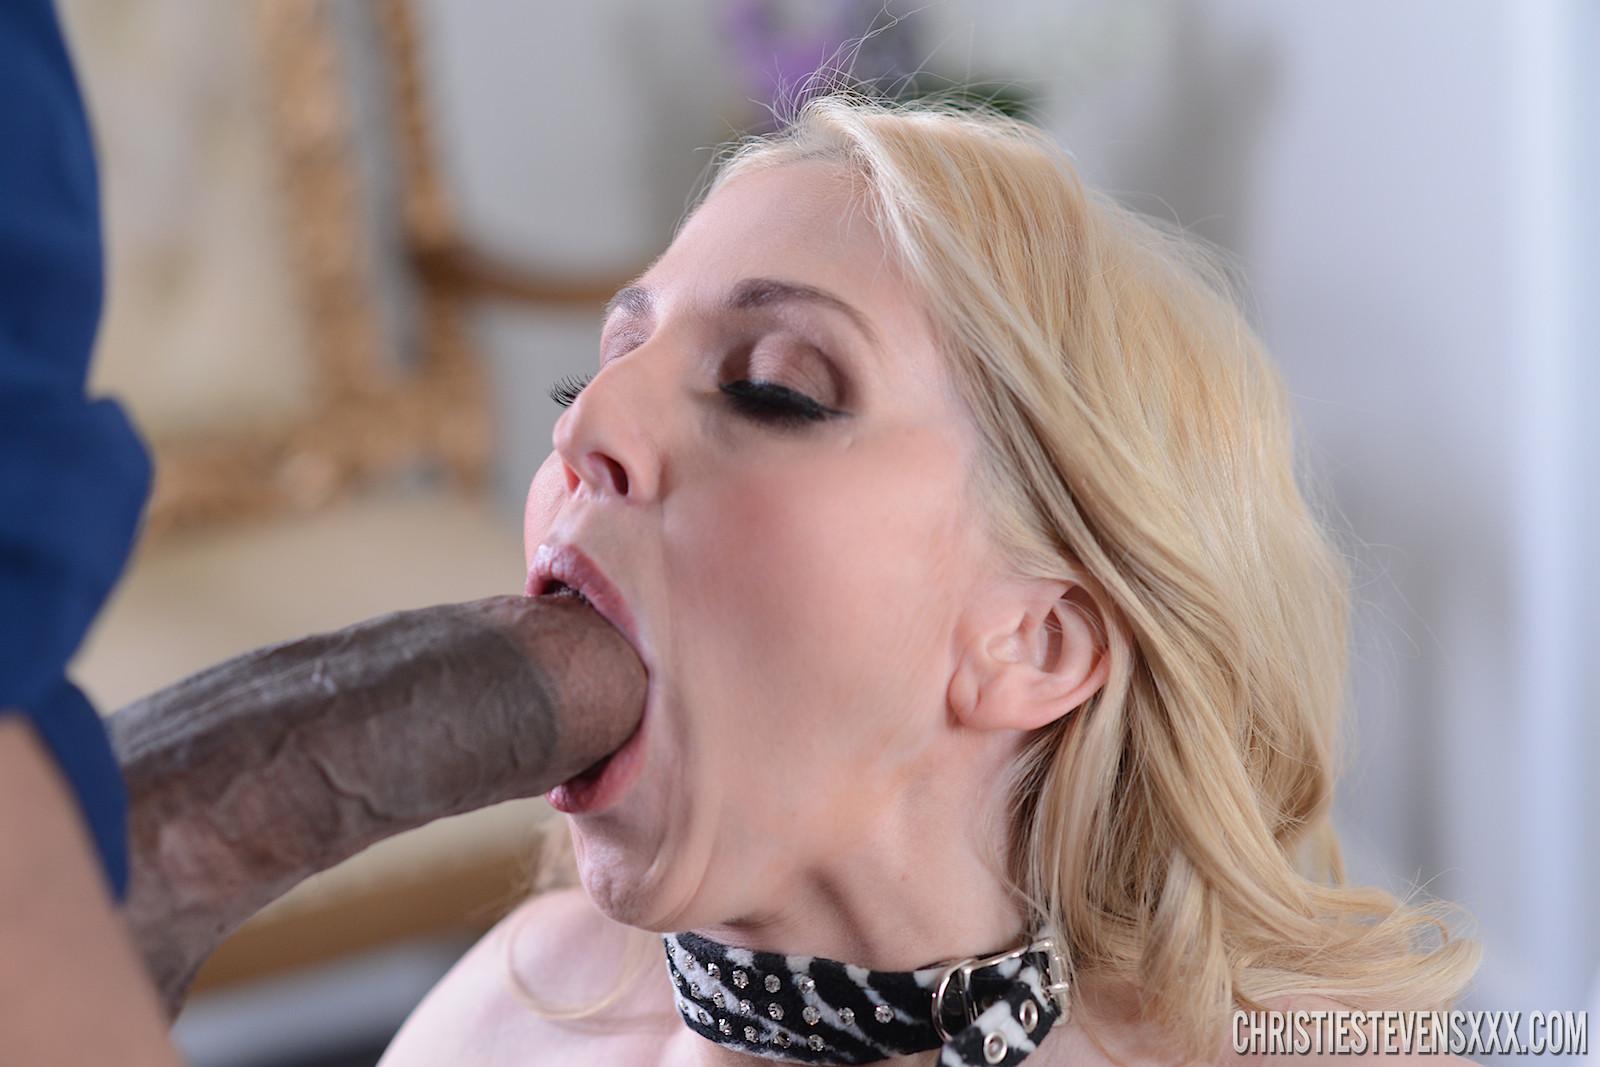 Milf Blowjob Porn Pics